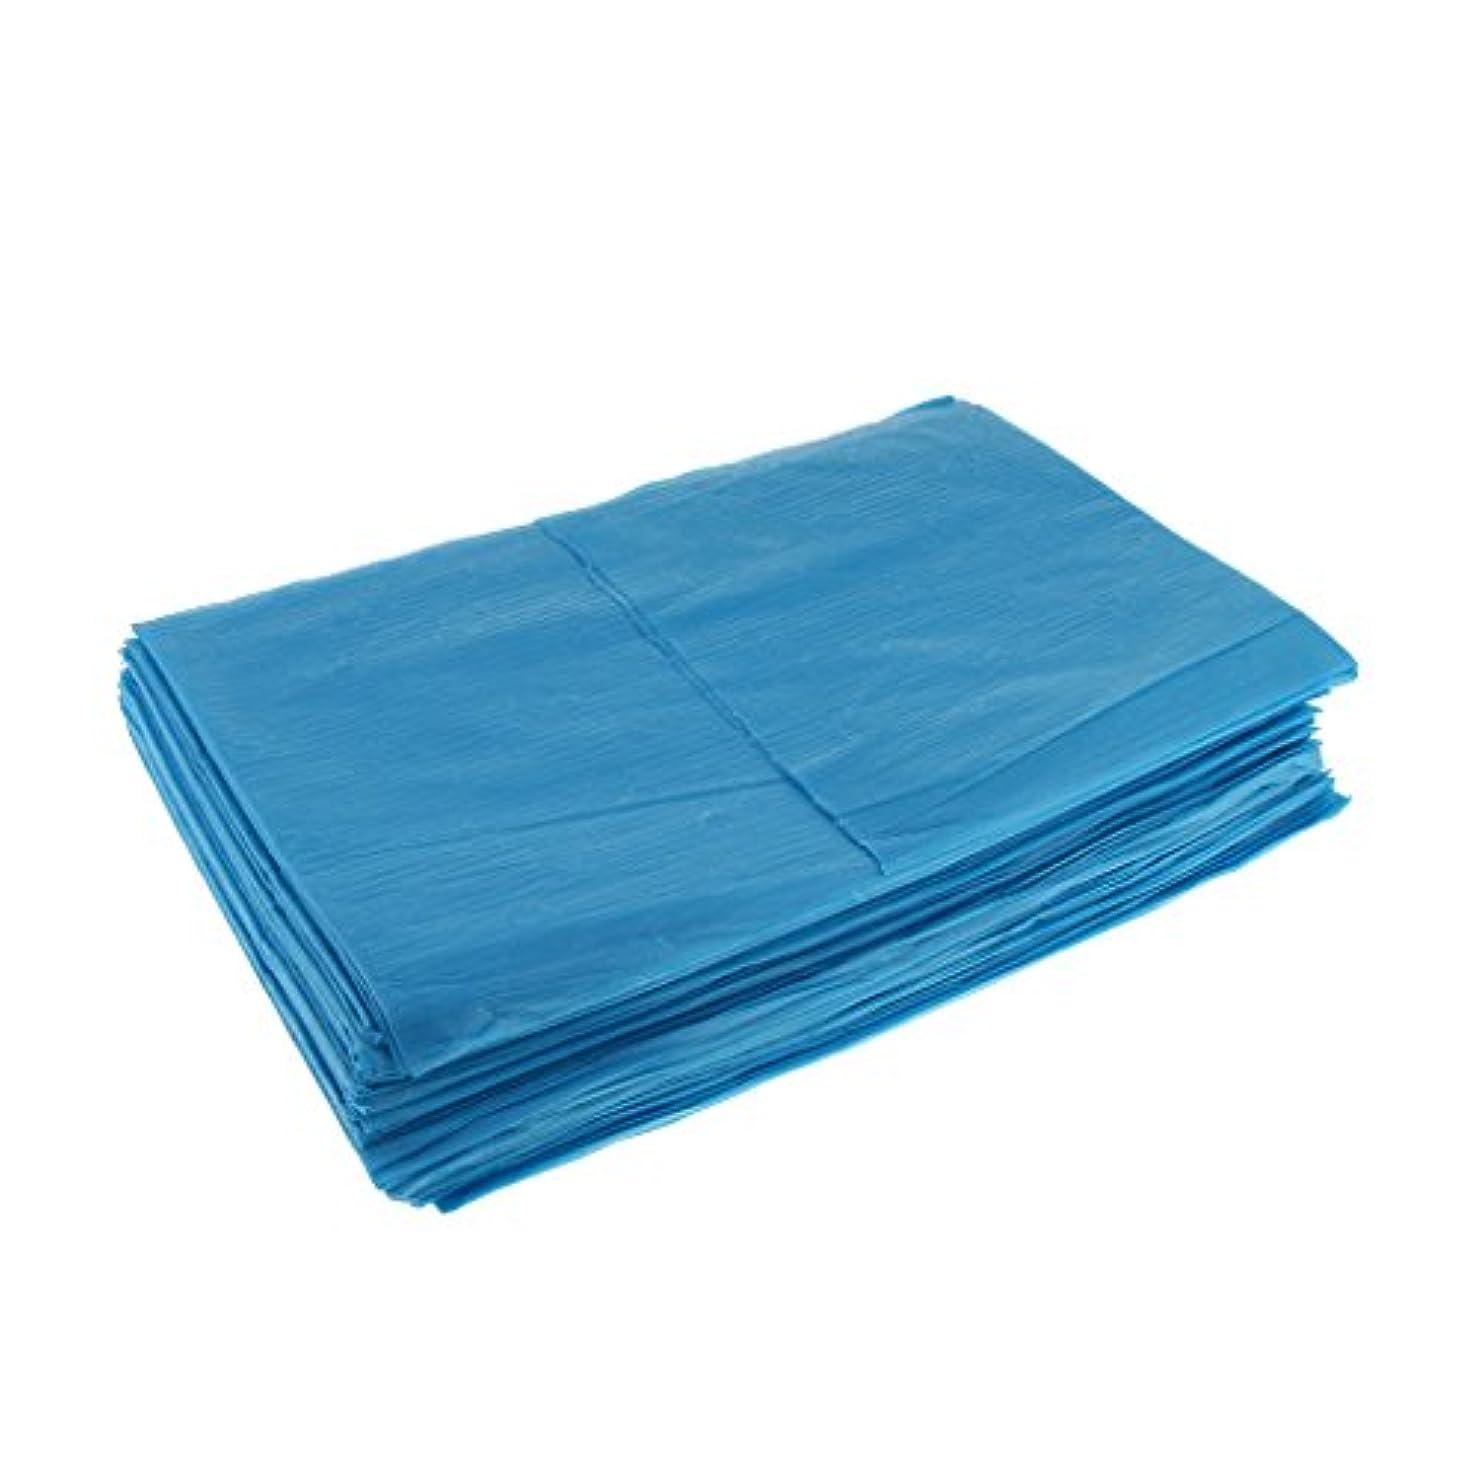 キャンディー援助する対角線10枚 使い捨てベッドシーツ 使い捨て 美容 マッサージ サロン ホテル ベッドパッド カバー シート 2色選べ - 青